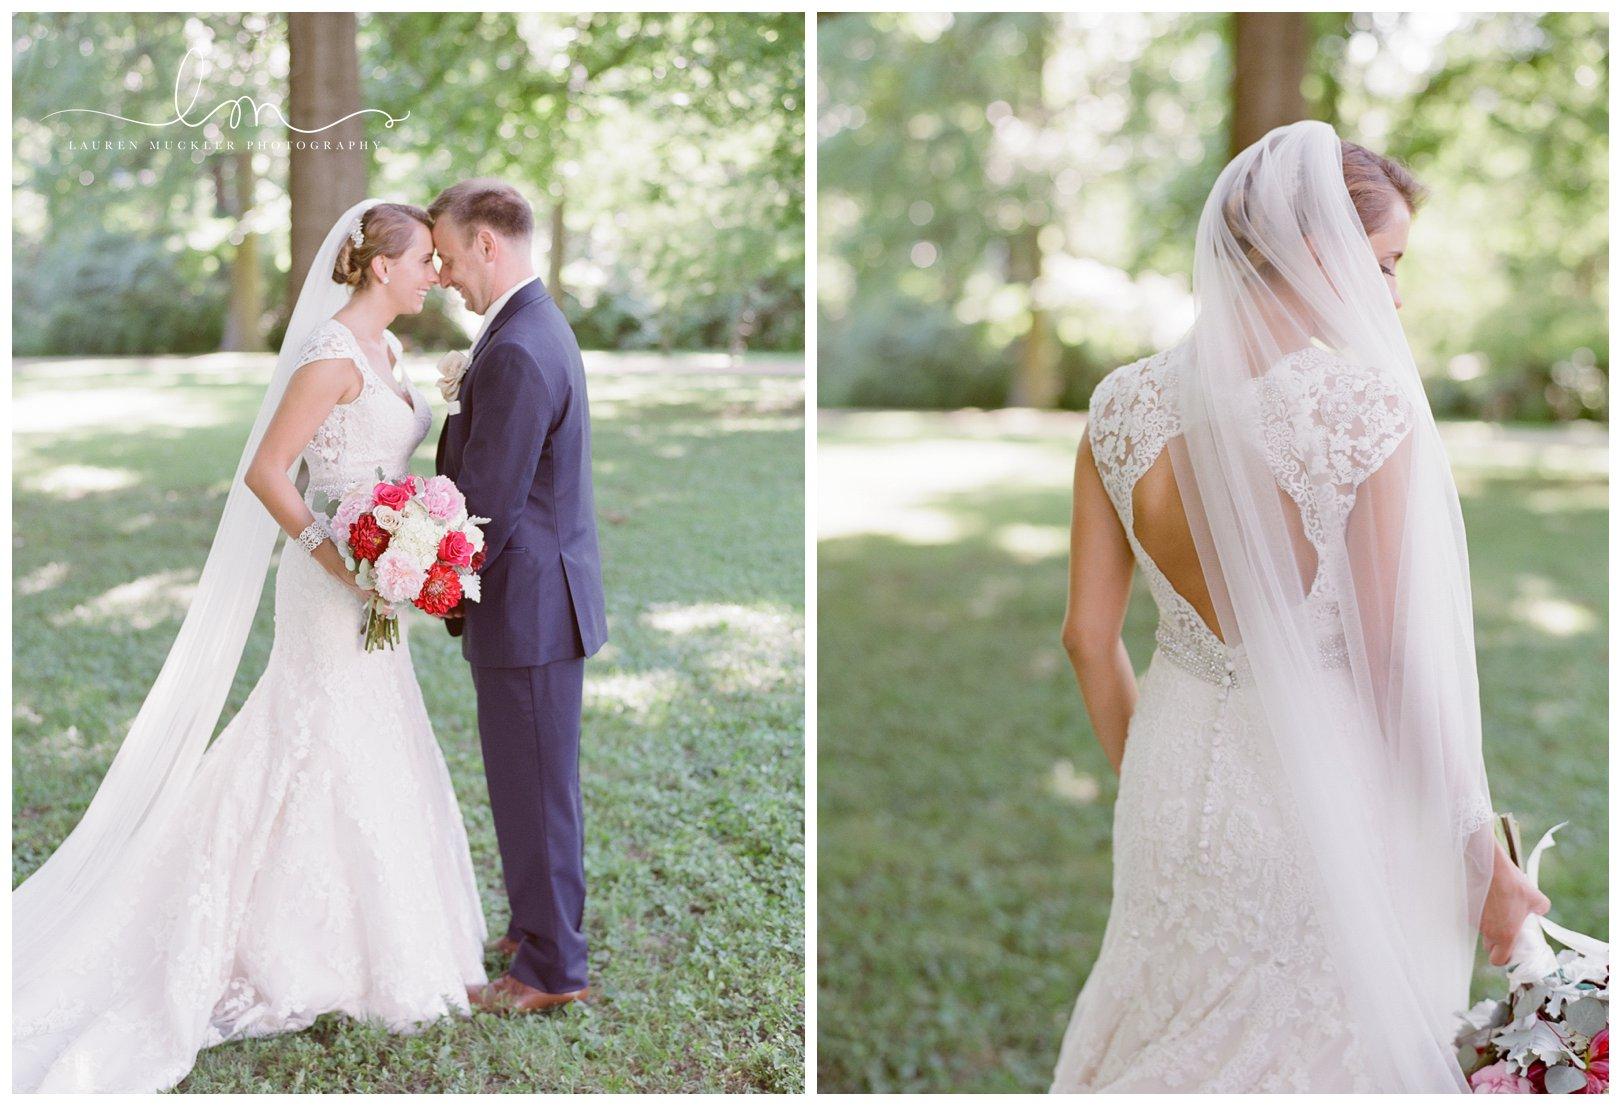 lauren muckler photography_fine art film wedding photography_st louis_photography_0491.jpg